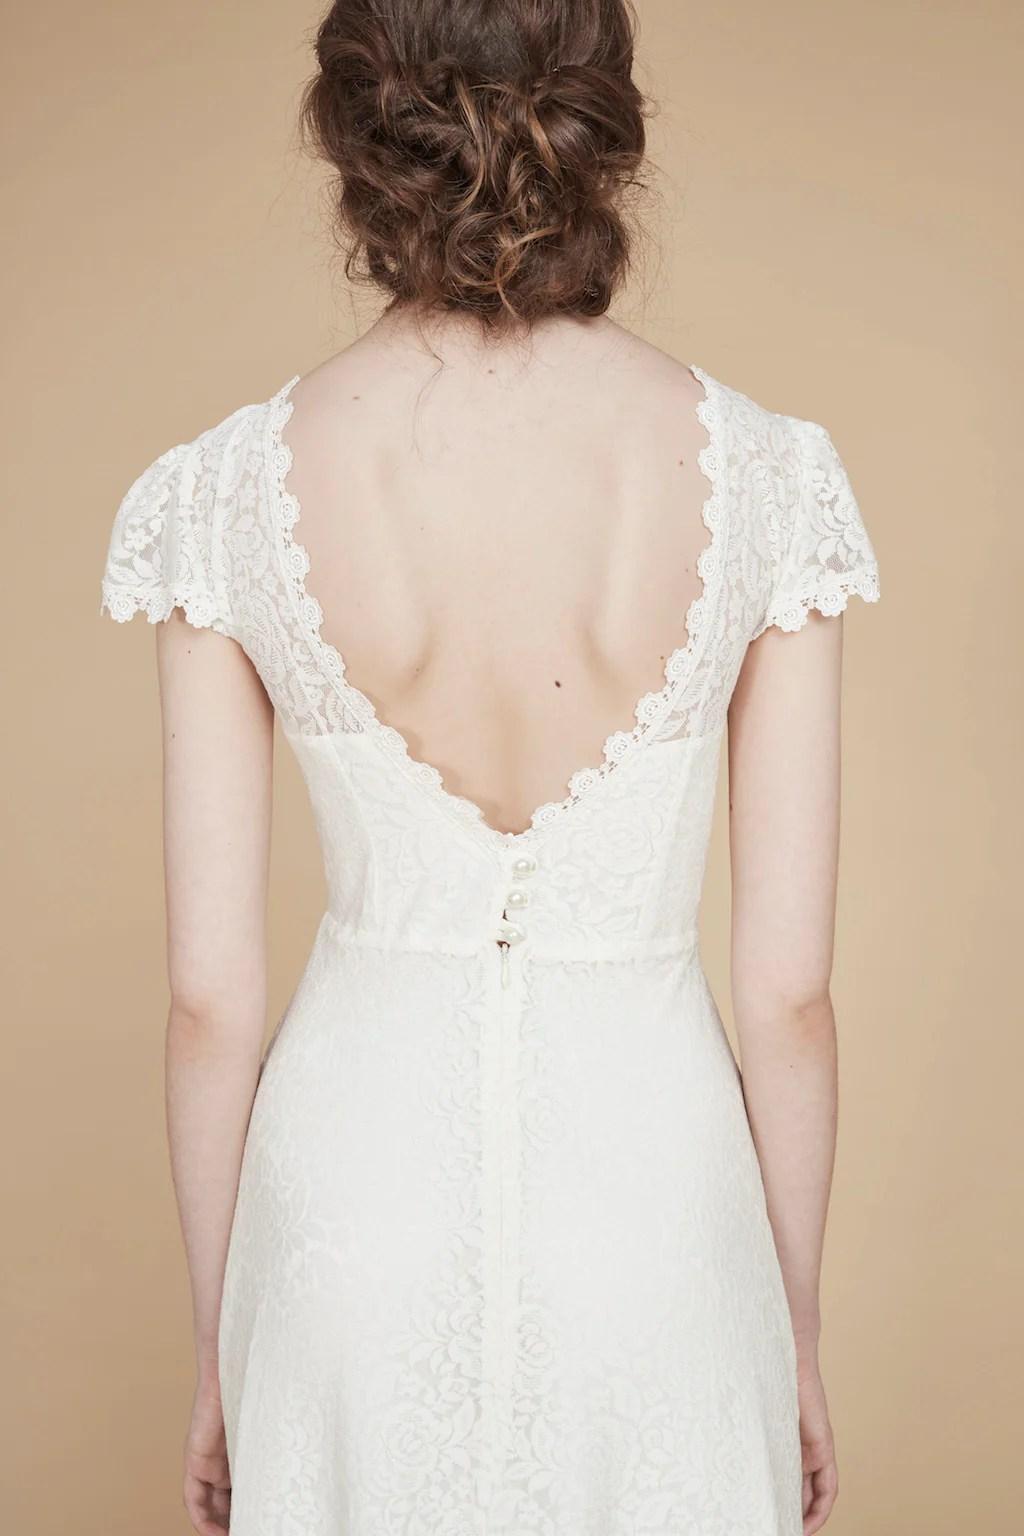 C Est Le Temps De L Amour : temps, amour, C'est, Temps, L'Amour, Wedding, Boutique, Lustre